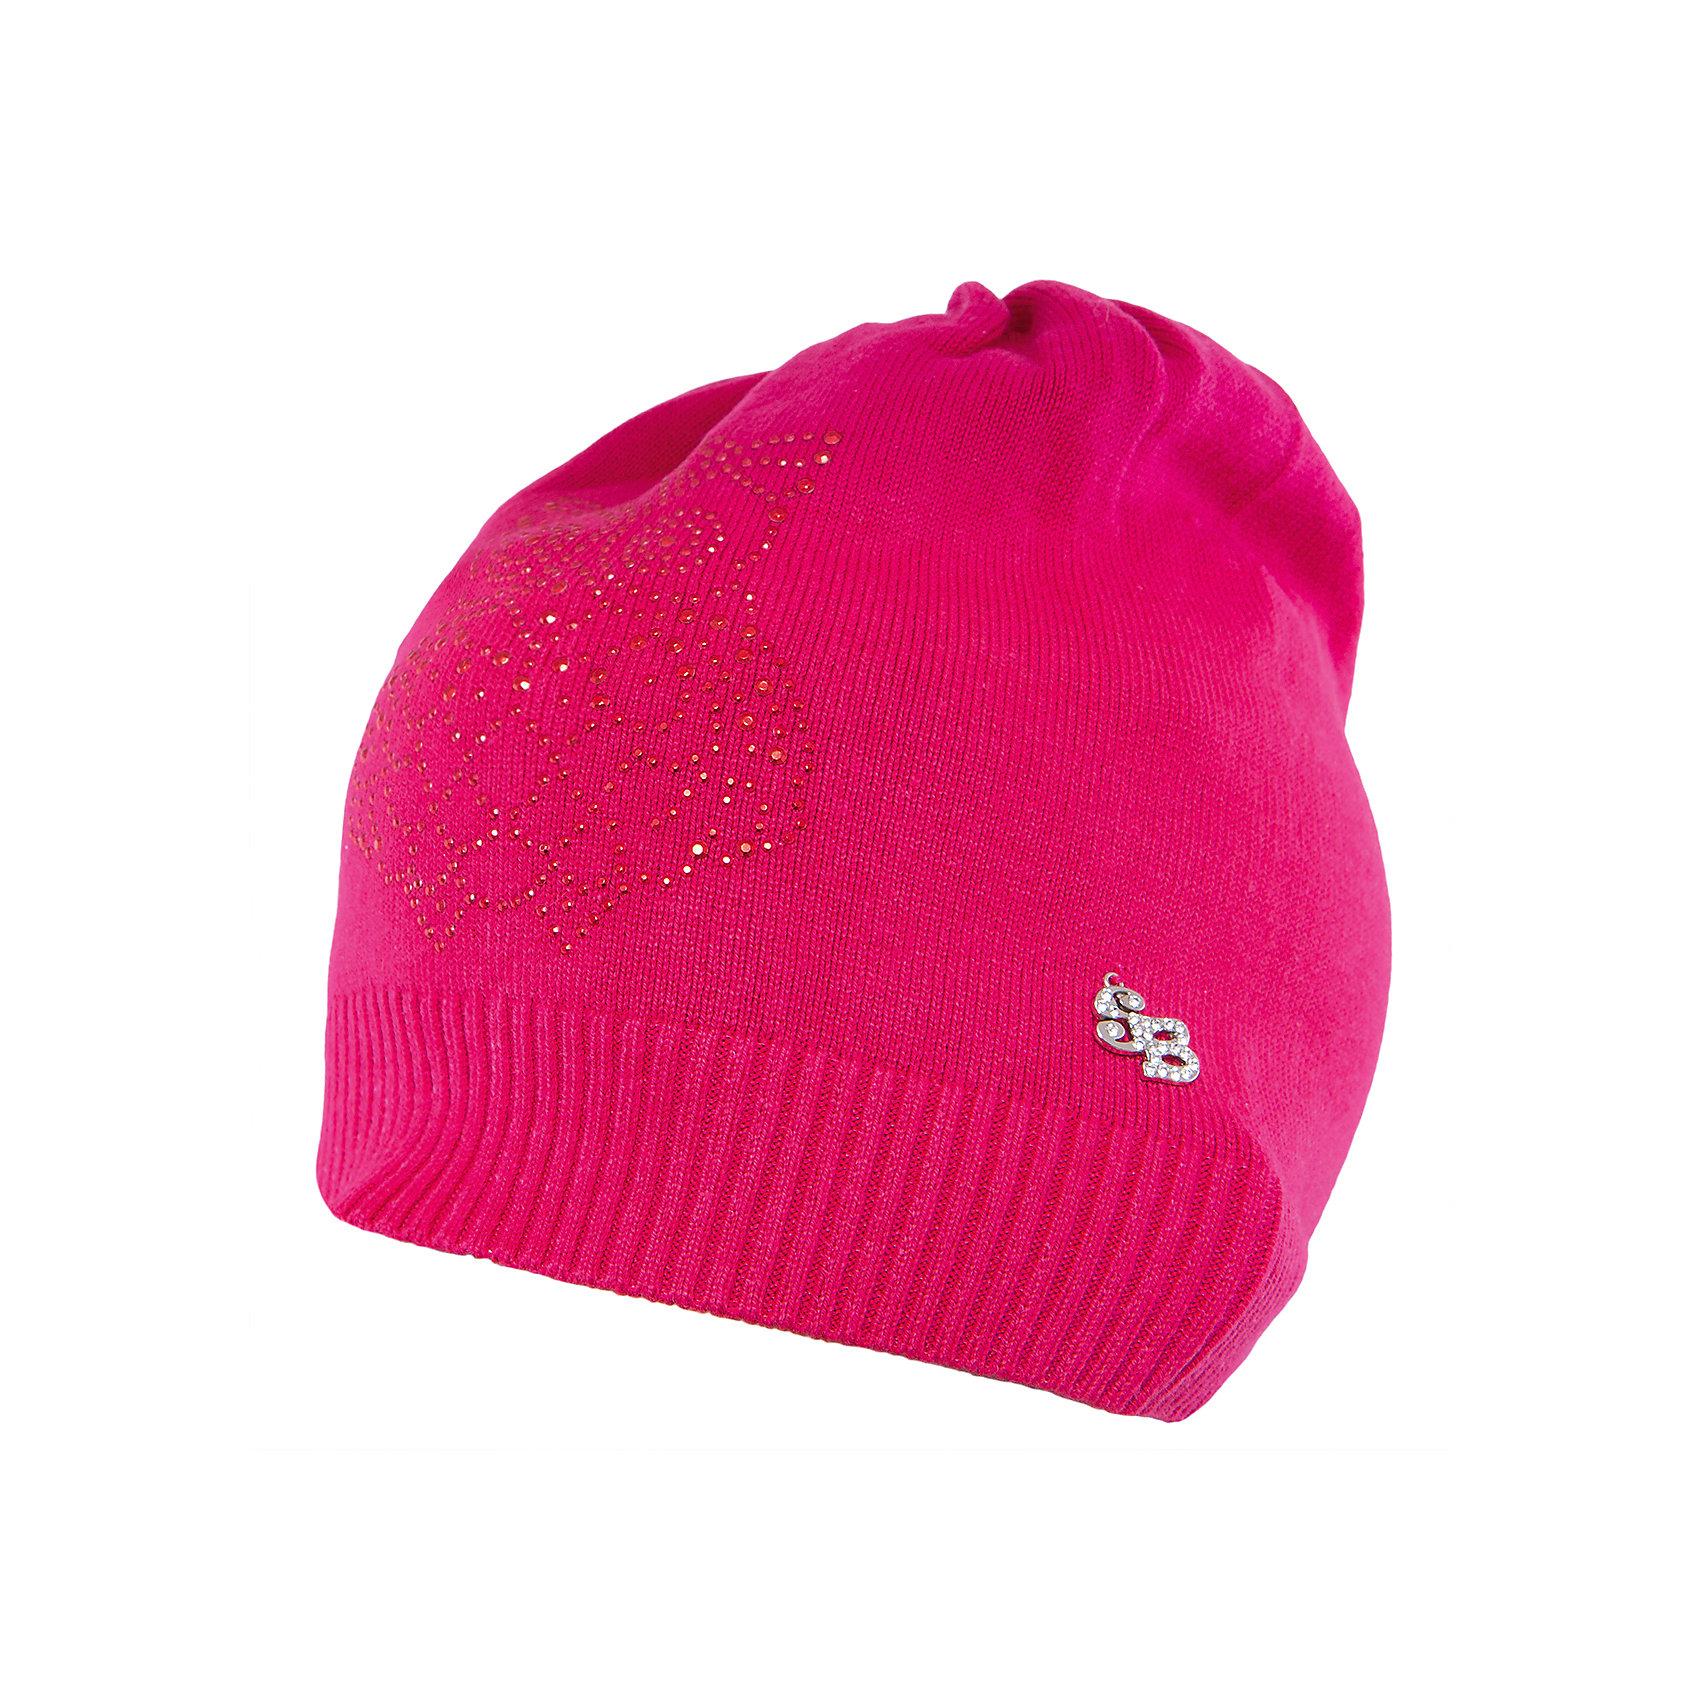 Шапка для девочки Sweet BerryГоловные уборы<br>Такая шапка для девочки отличается модным дизайном: узор из страз добавляет изделию оригинальности. Удачный крой обеспечит ребенку комфорт и тепло. Край изделия обработан мягкой резинкой, поэтому вещь плотно прилегает к голове. Украшена шапка симпатичной подвеской.<br>Одежда от бренда Sweet Berry - это простой и выгодный способ одеть ребенка удобно и стильно. Всё изделия тщательно проработаны: швы - прочные, материал - качественный, фурнитура - подобранная специально для детей. <br><br>Дополнительная информация:<br><br>цвет: розовый;<br>материал: 60% хлопок, 40% акрил;<br>украшена стразами и подвеской.<br><br>Шапку для девочки от бренда Sweet Berry можно купить в нашем интернет-магазине.<br><br>Ширина мм: 89<br>Глубина мм: 117<br>Высота мм: 44<br>Вес г: 155<br>Цвет: розовый<br>Возраст от месяцев: 72<br>Возраст до месяцев: 84<br>Пол: Женский<br>Возраст: Детский<br>Размер: 54,50,52<br>SKU: 4931676